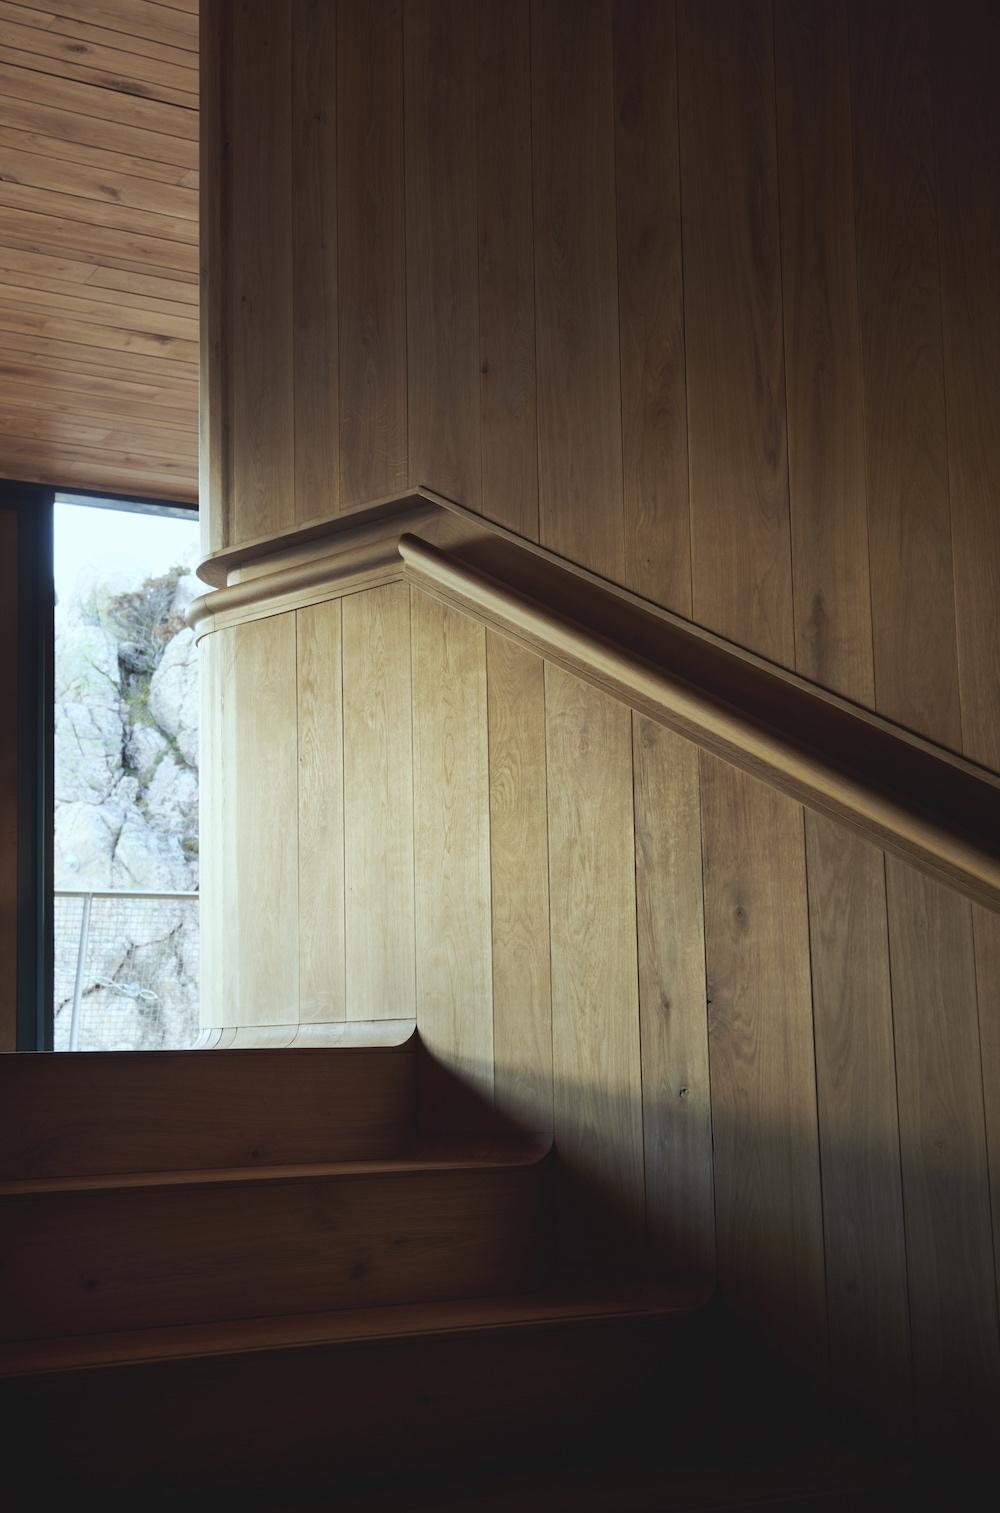 Her ses et billede af trappeopgangen hvor et trægelænder er freset ind i den træbeklædte væg